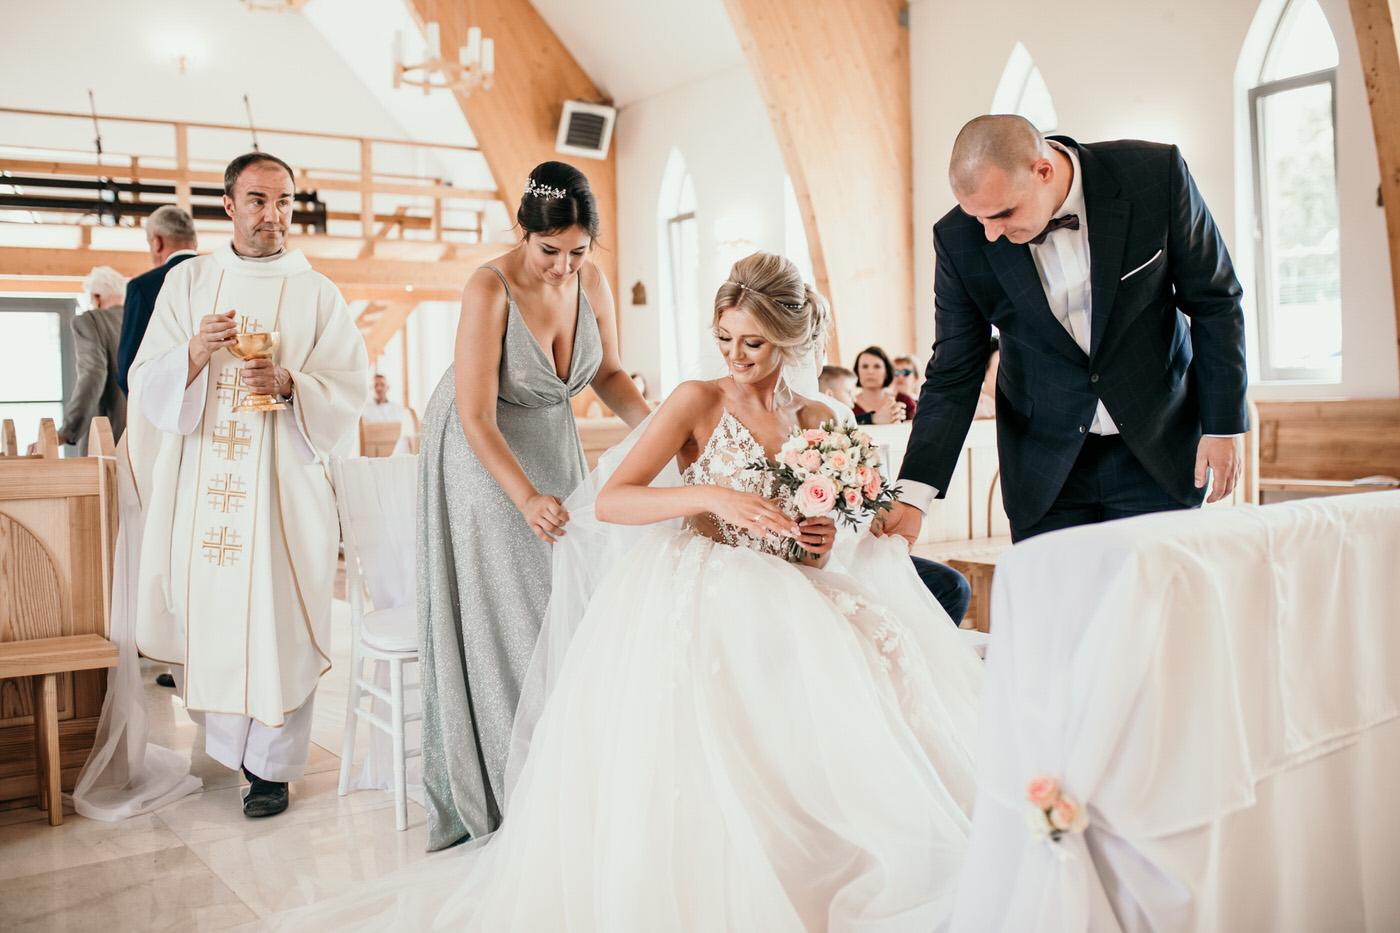 Slow Wedding - nowoczesne wesele Gdańsk 41